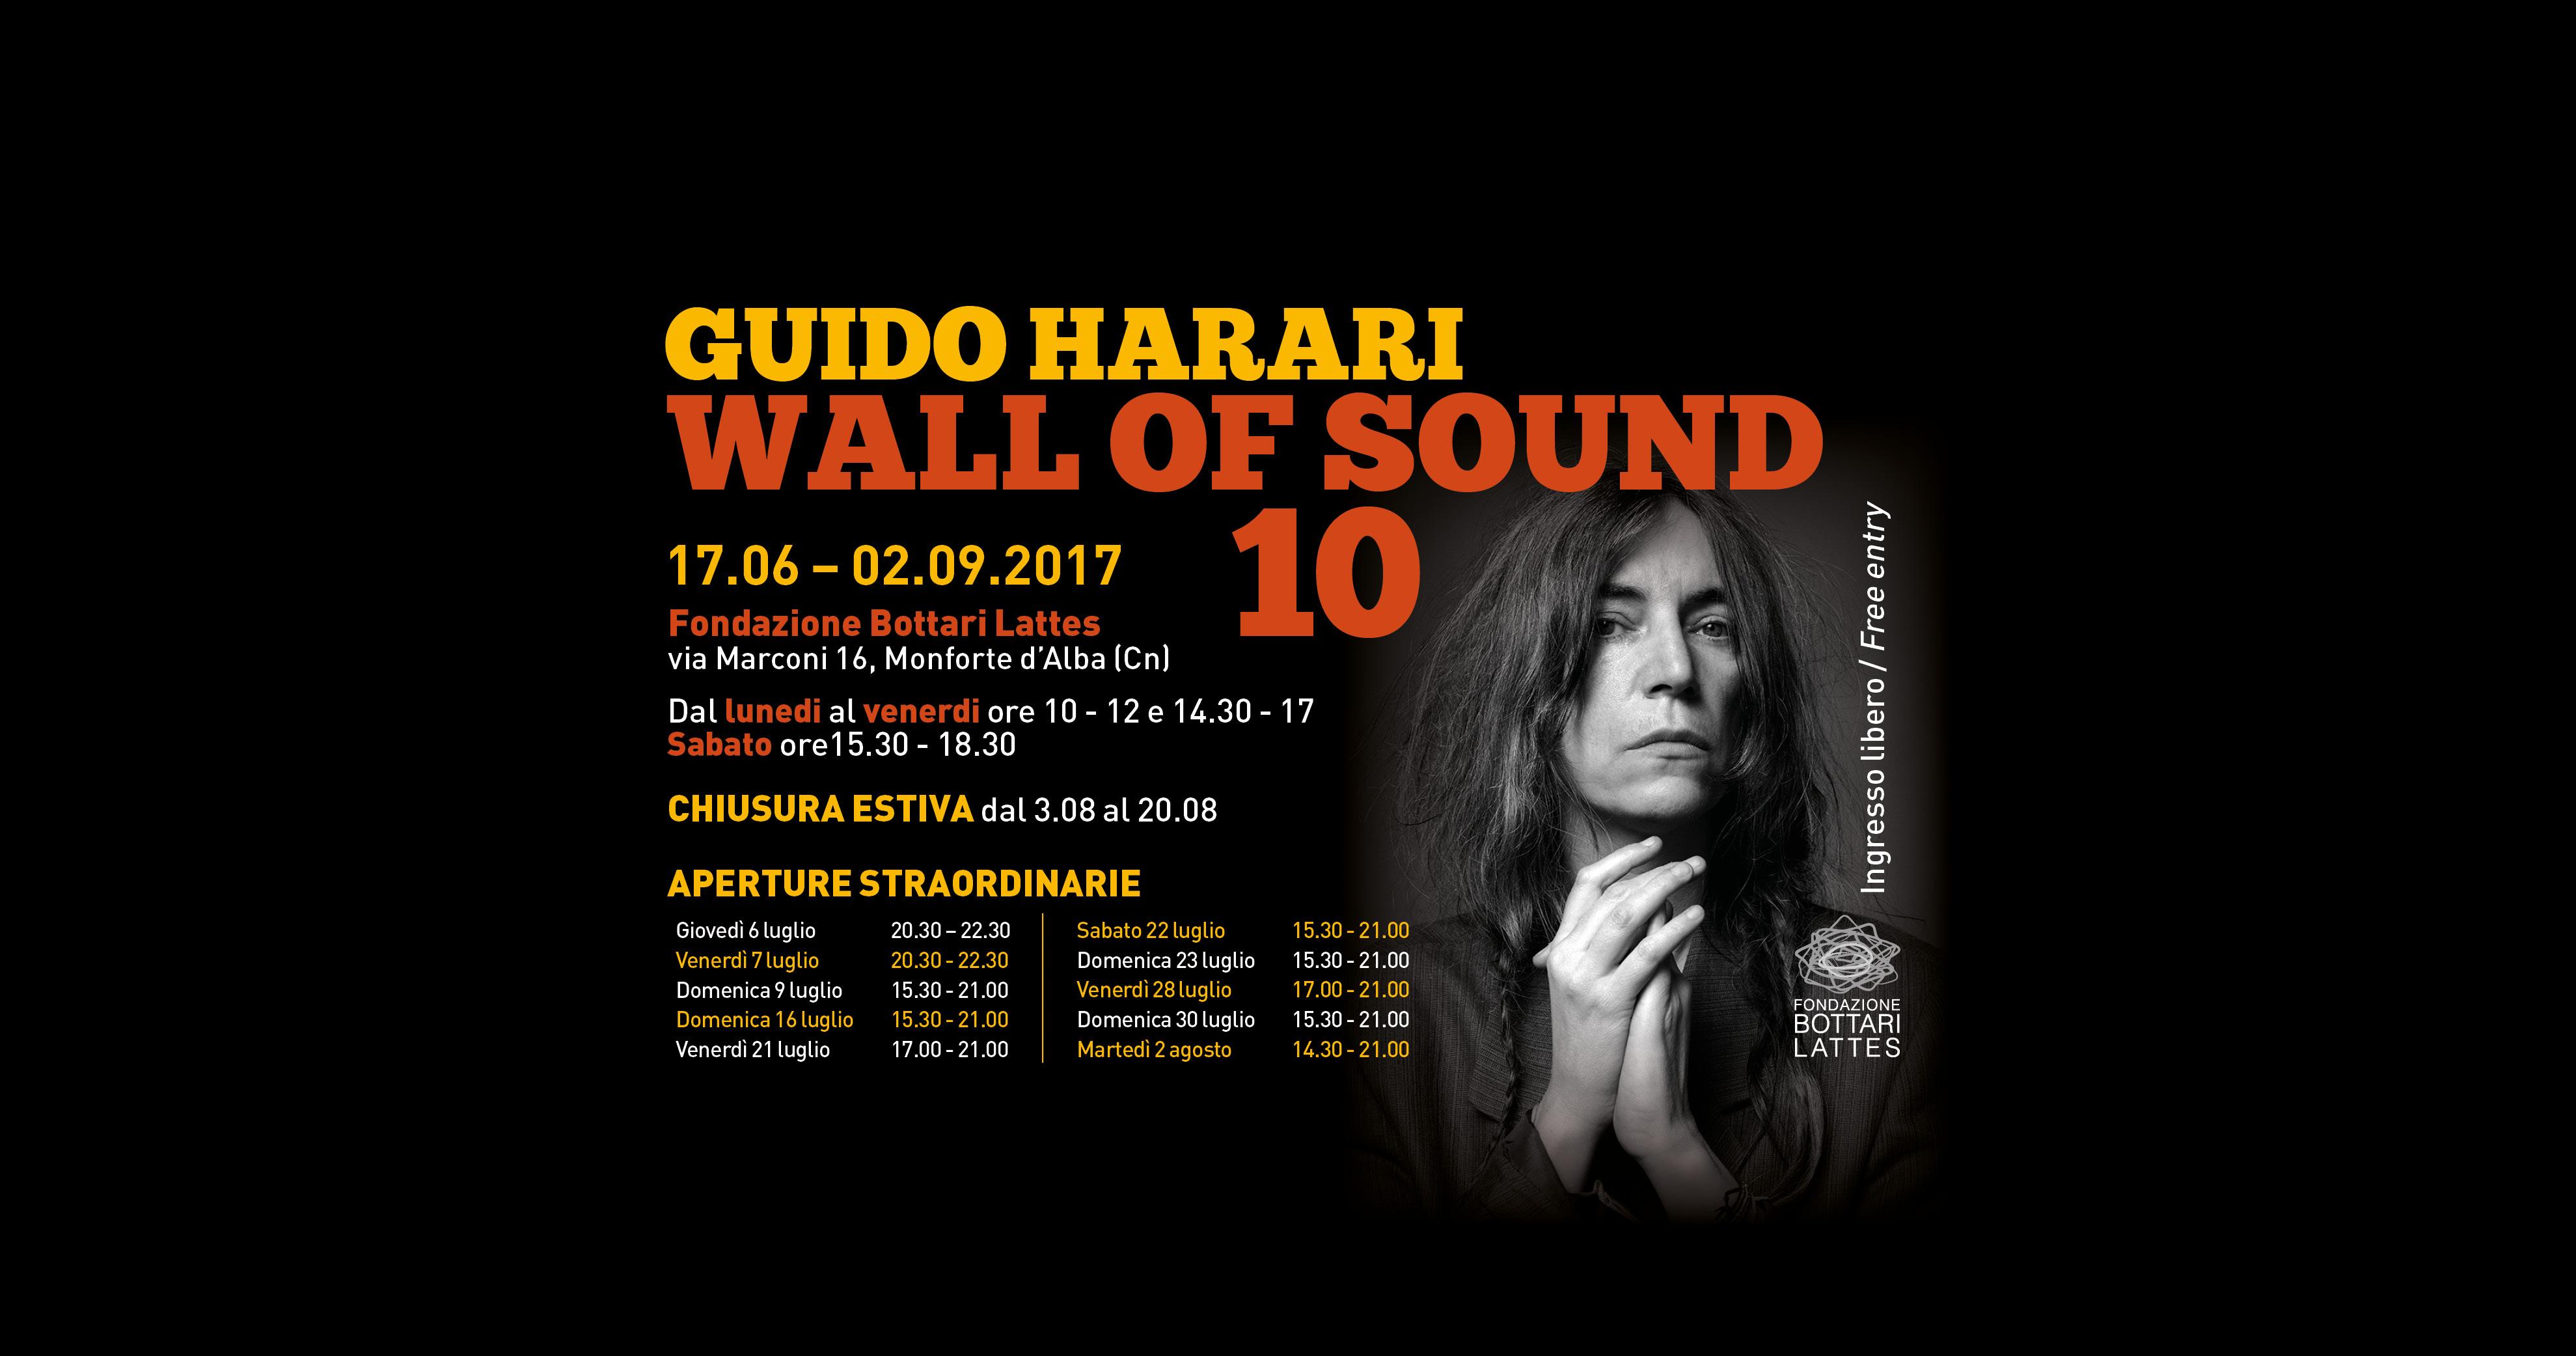 Aperture straordinarie per la mostra Wall of Sound 10  di Guido Harari